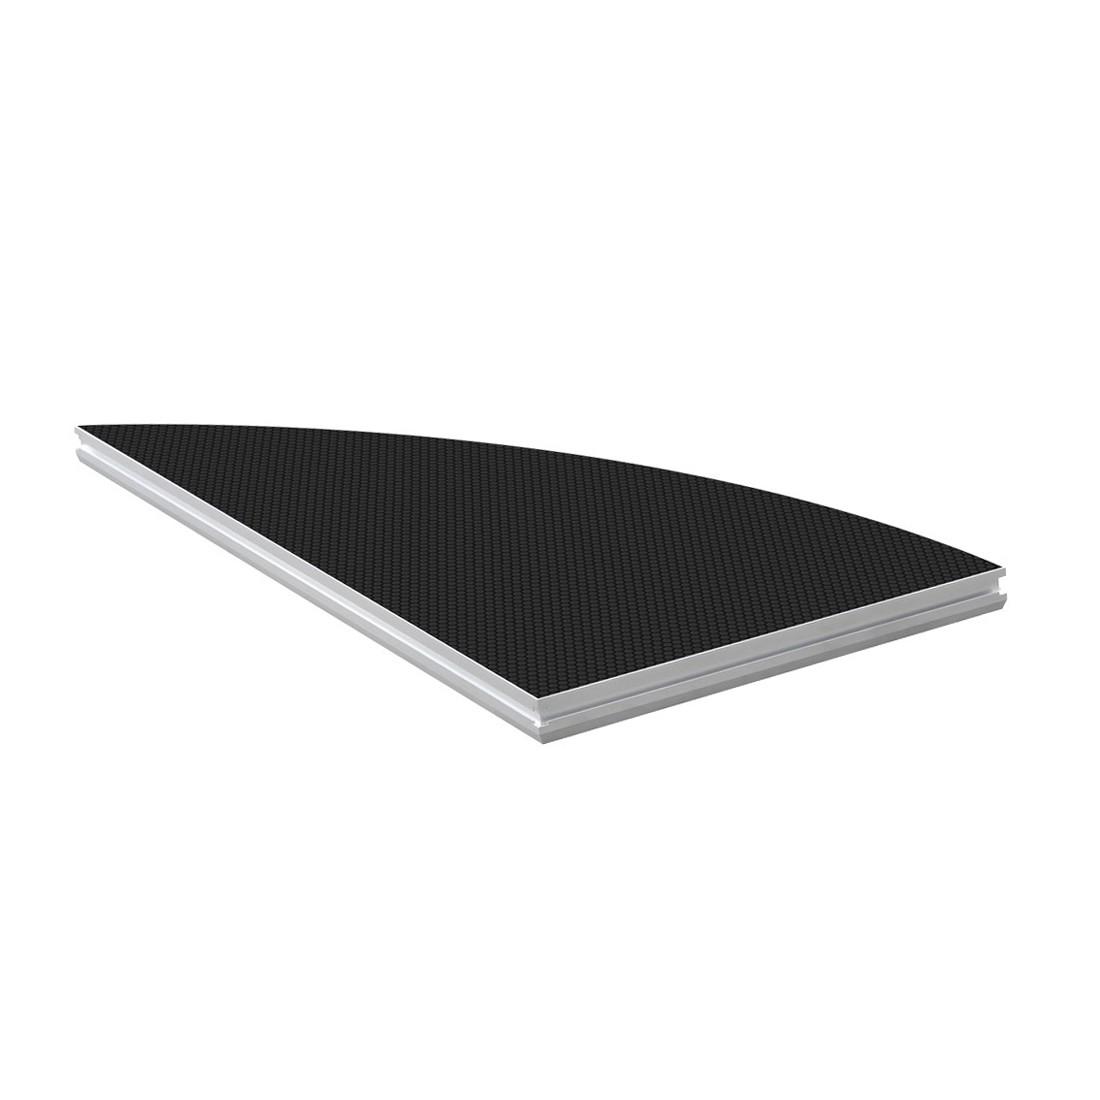 Duratruss DS-PROSTAGE 200x100 ROUND Right